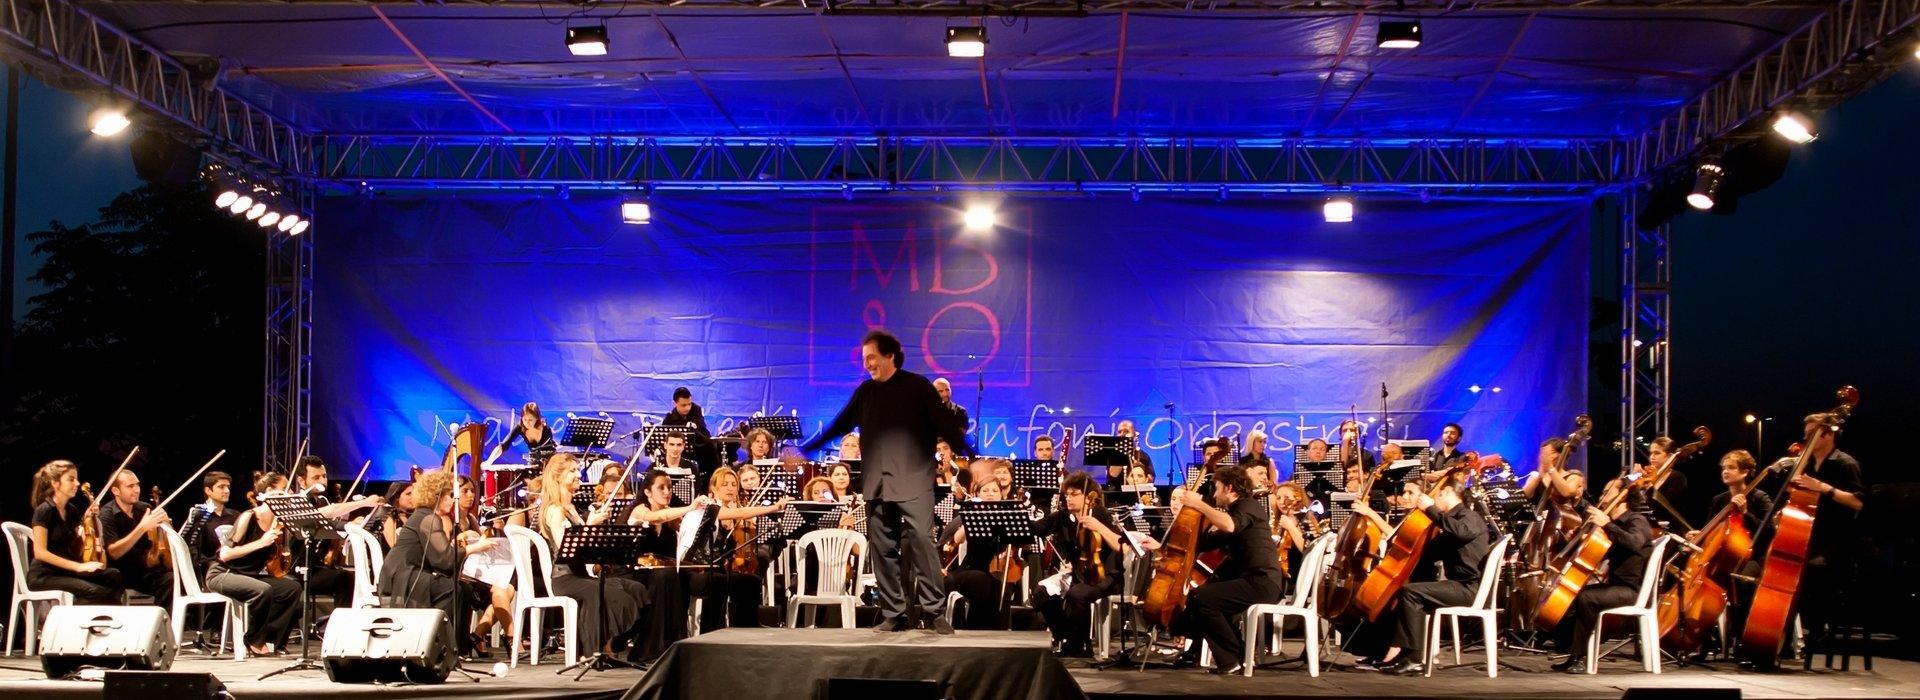 Budapesti Komolyzenei Koncertek - Komolyzenei Koncert Budapesten